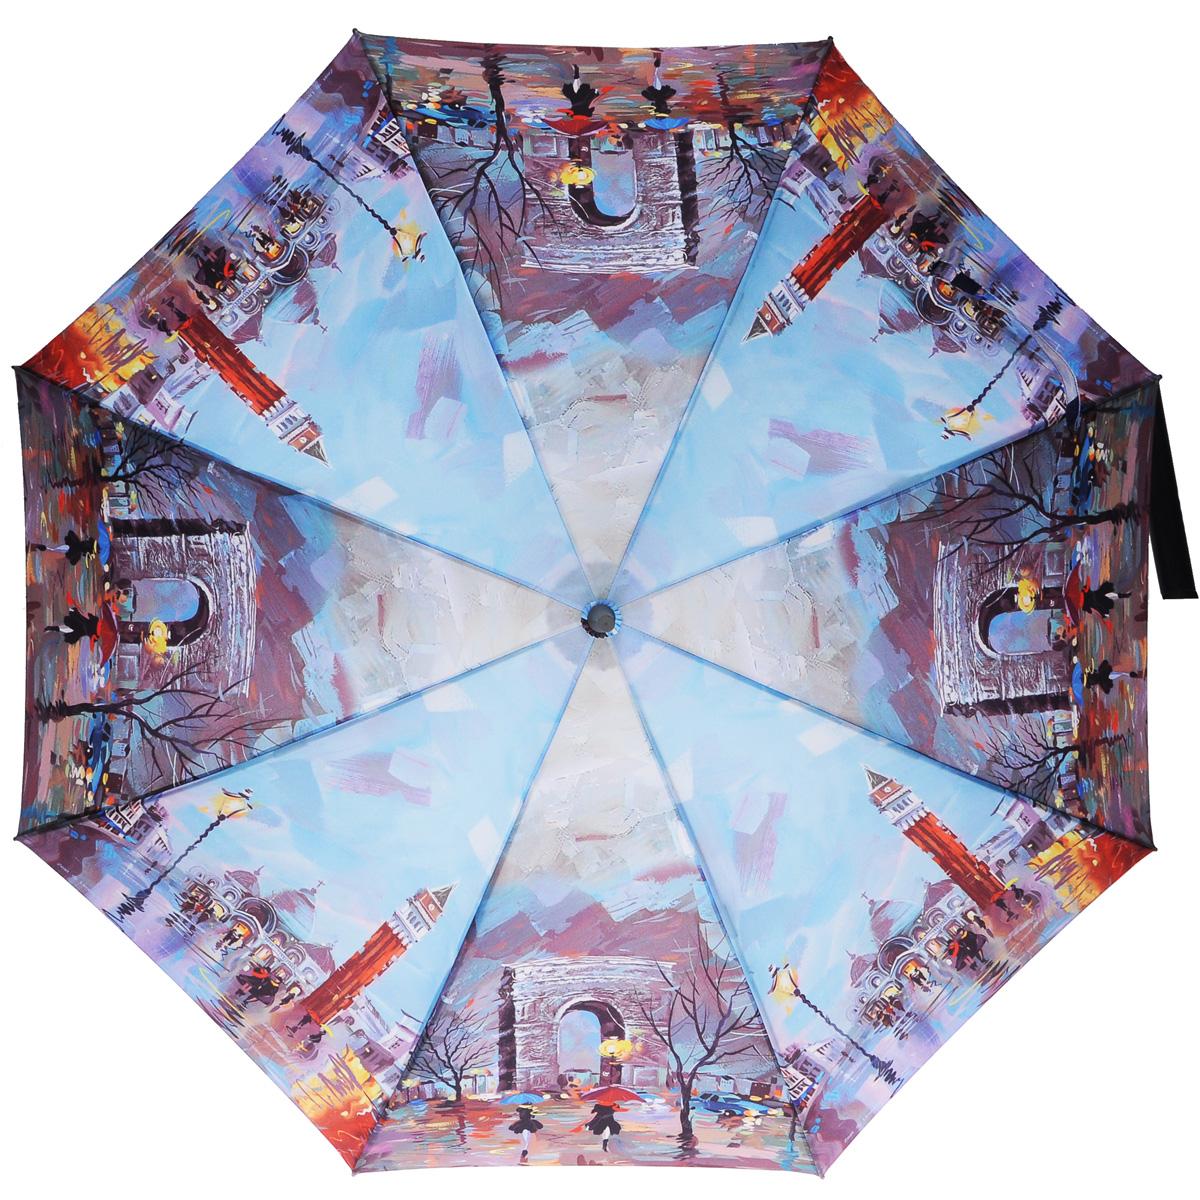 Зонт-трость женский Zest, полуавтомат, цвет: голубой, фиолетовый. 216255-77216255-77Эффектный полуавтоматический зонт-трость Zest даже в ненастную погоду позволит вам оставаться стильной и элегантной. Каркас зонта состоит из 8 спиц и прочного стержня. Специальная система Windproof защищает его от поломок во время сильных порывов ветра. Купол зонта выполнен из прочного полиэстера с водоотталкивающей пропиткой и оформлен изображением осени в Париже. Используемые высококачественные красители, а также покрытие Teflon обеспечивают длительное сохранение свойств ткани купола. Рукоятка закругленной формы, разработанная с учетом требований эргономики, выполнена из пластика серого цвета. Зонт имеет полуавтоматический механизм сложения: купол открывается нажатием на кнопку и закрывается вручную до характерного щелчка. Такой зонт не только надежно защитит вас от дождя, но и станет стильным аксессуаром, который идеально подчеркнет ваш неповторимый образ.